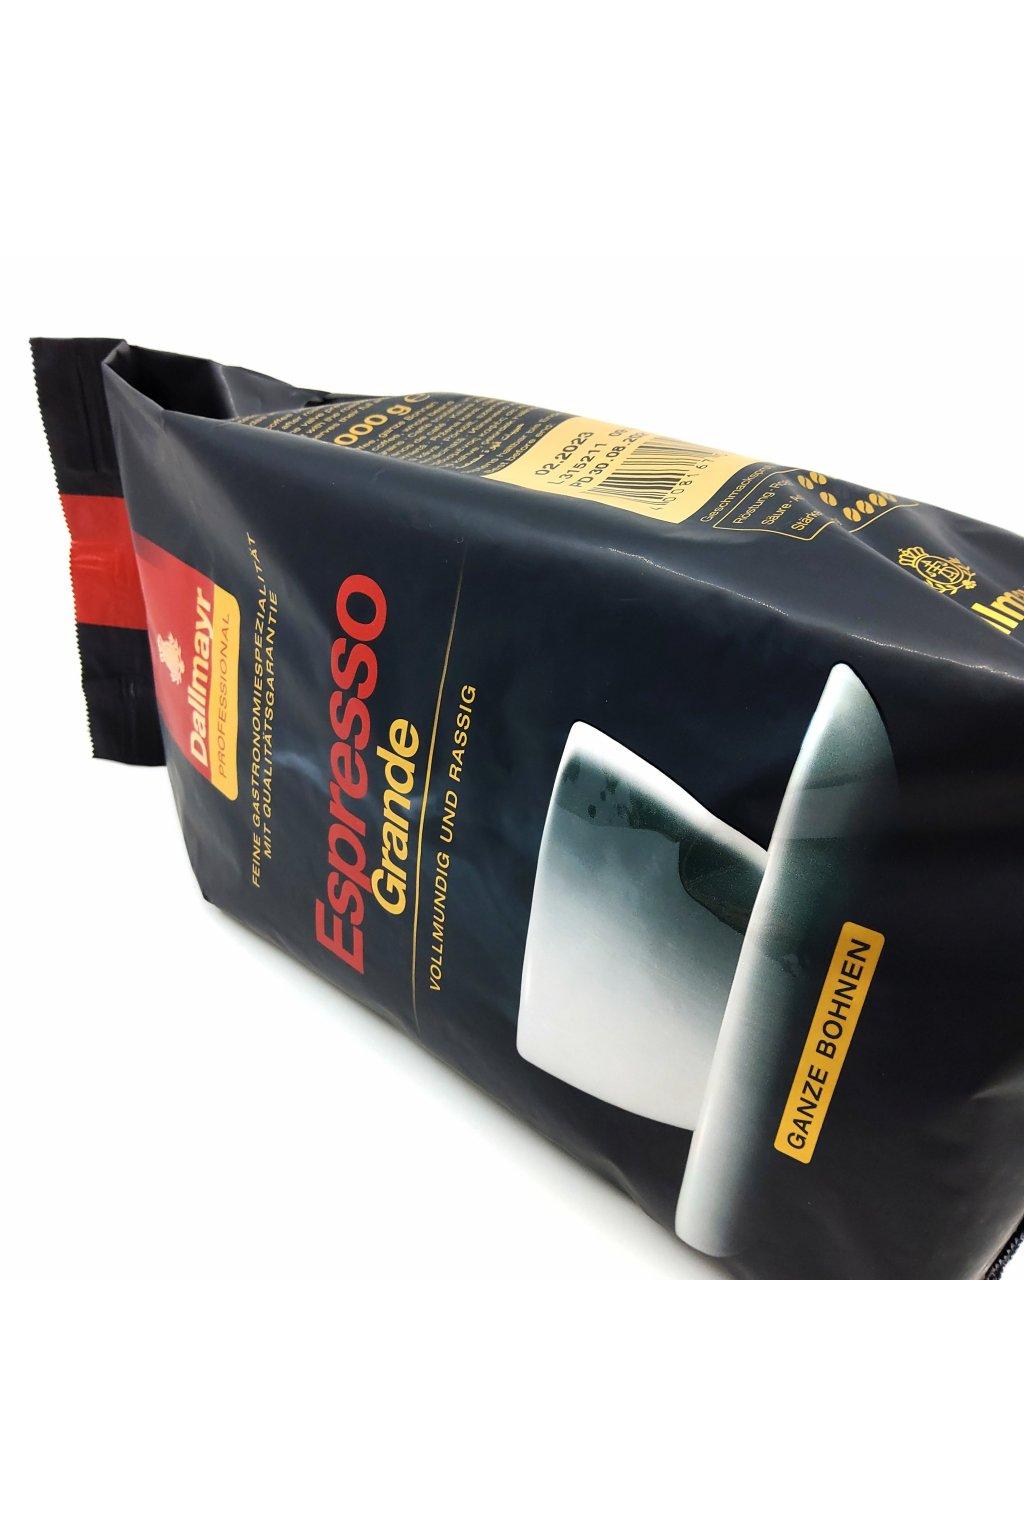 1403 dallmayr espresso grande zrnkova kava 1 kg